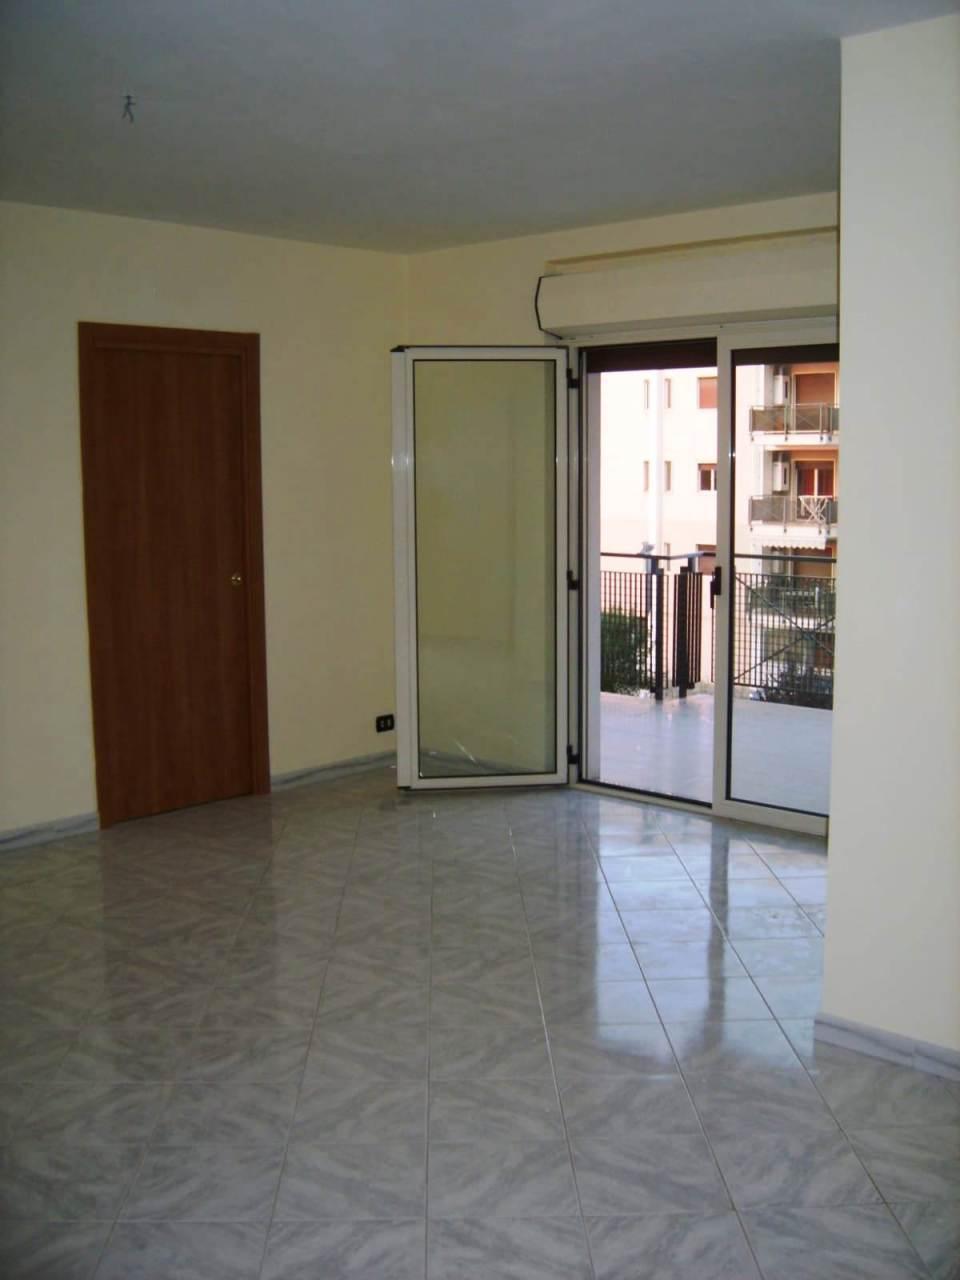 Appartamento in vendita a Casamassima (BA)